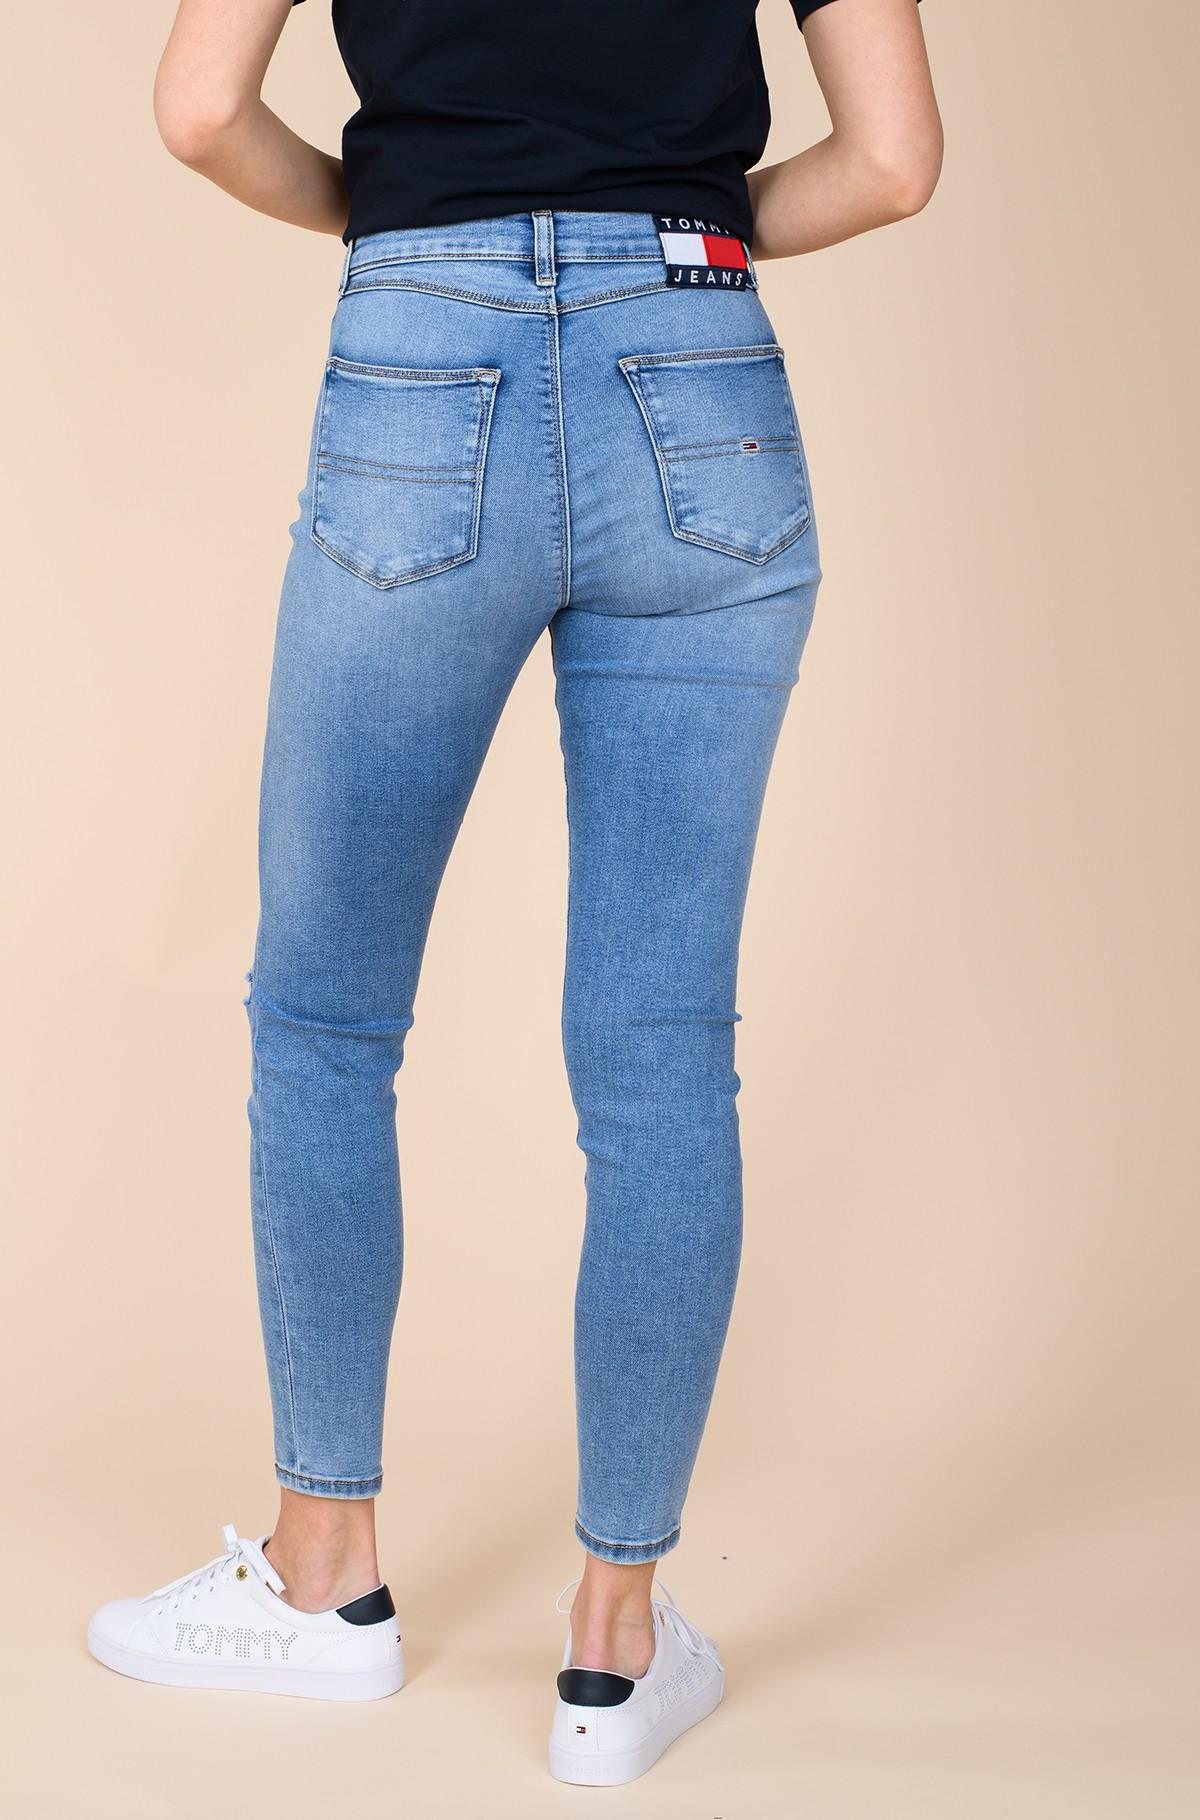 Jeans SYLVIA HR SPR SKNY ANKLE CLBSD-full-2